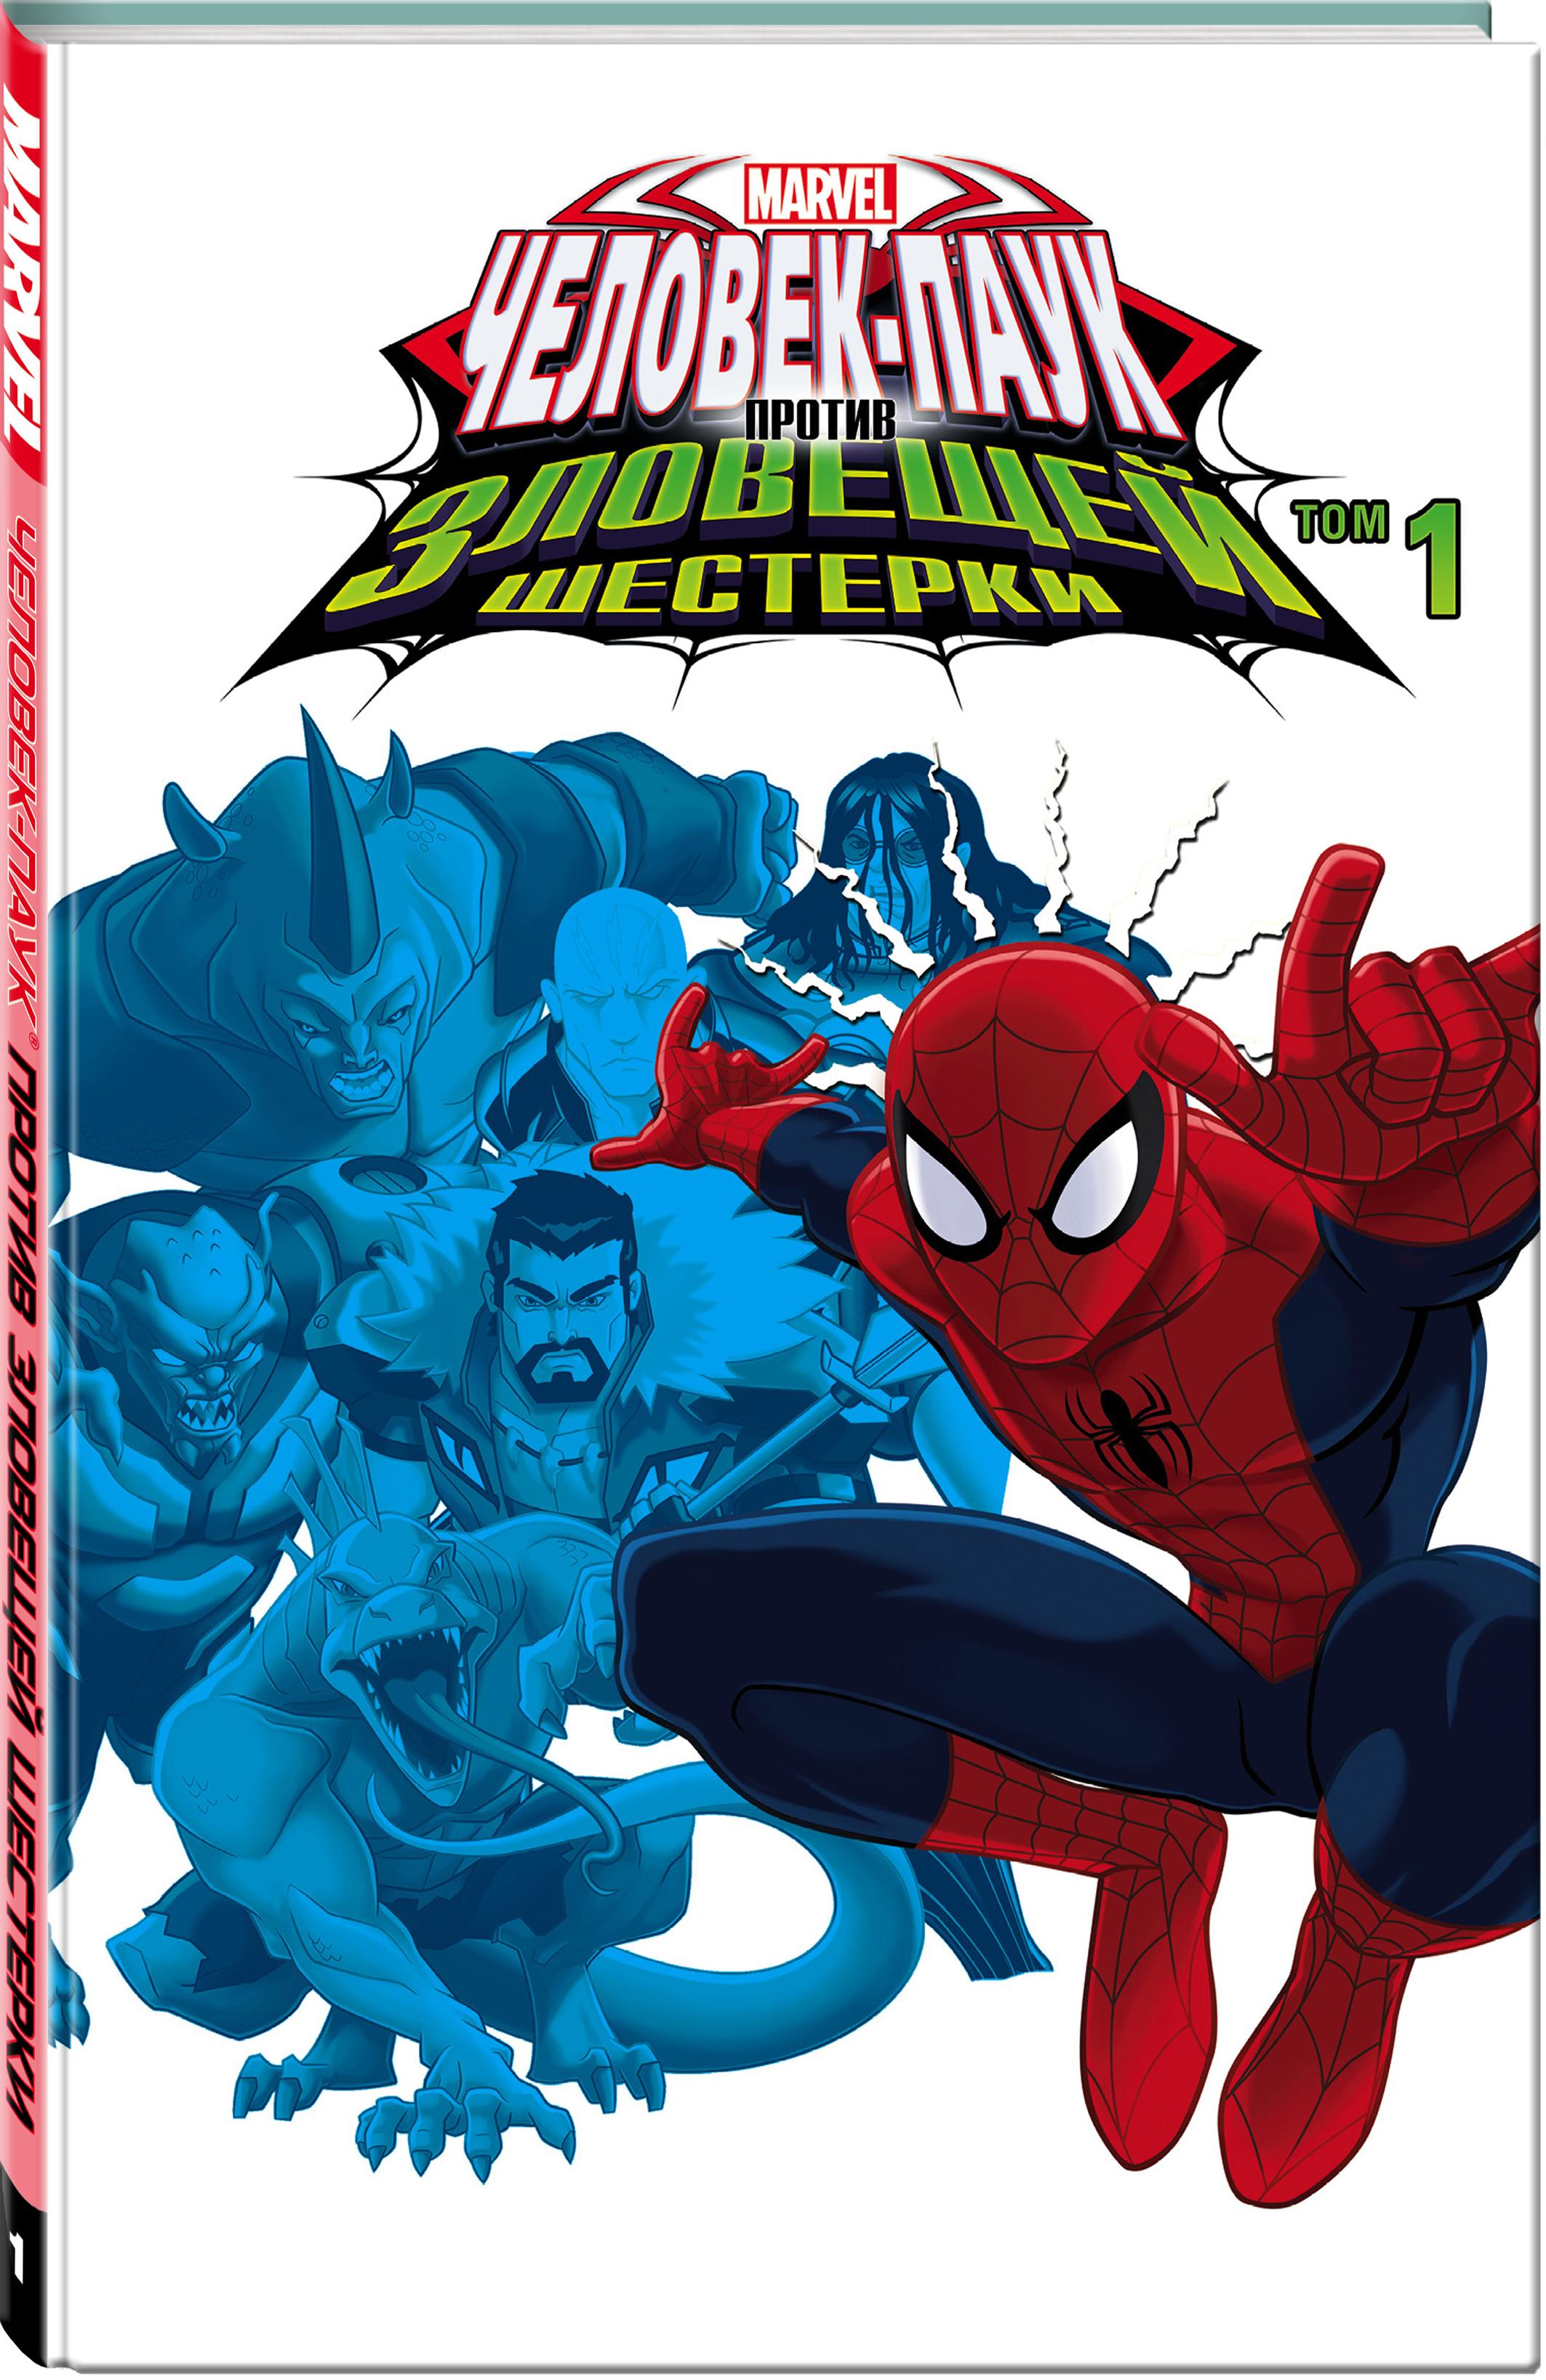 Караманья Дж. Человек-Паук против Зловещей Шестерки. Том 1 76057 человек паук последний бой воинов паутины